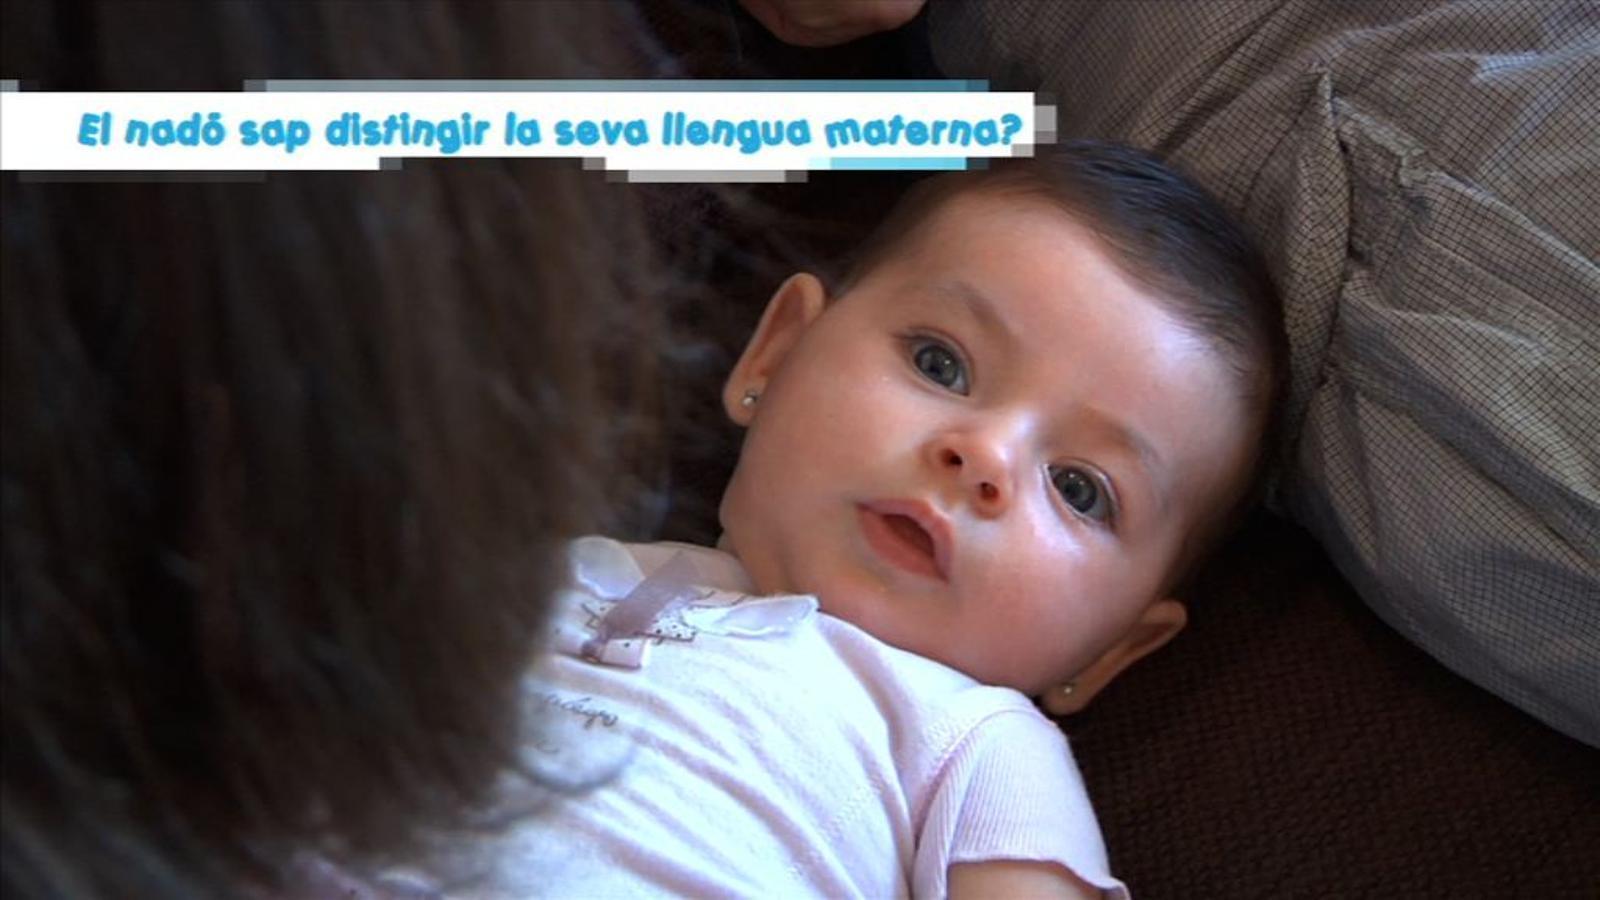 Criatures: El nadó sap distingir la seva llengua materna?